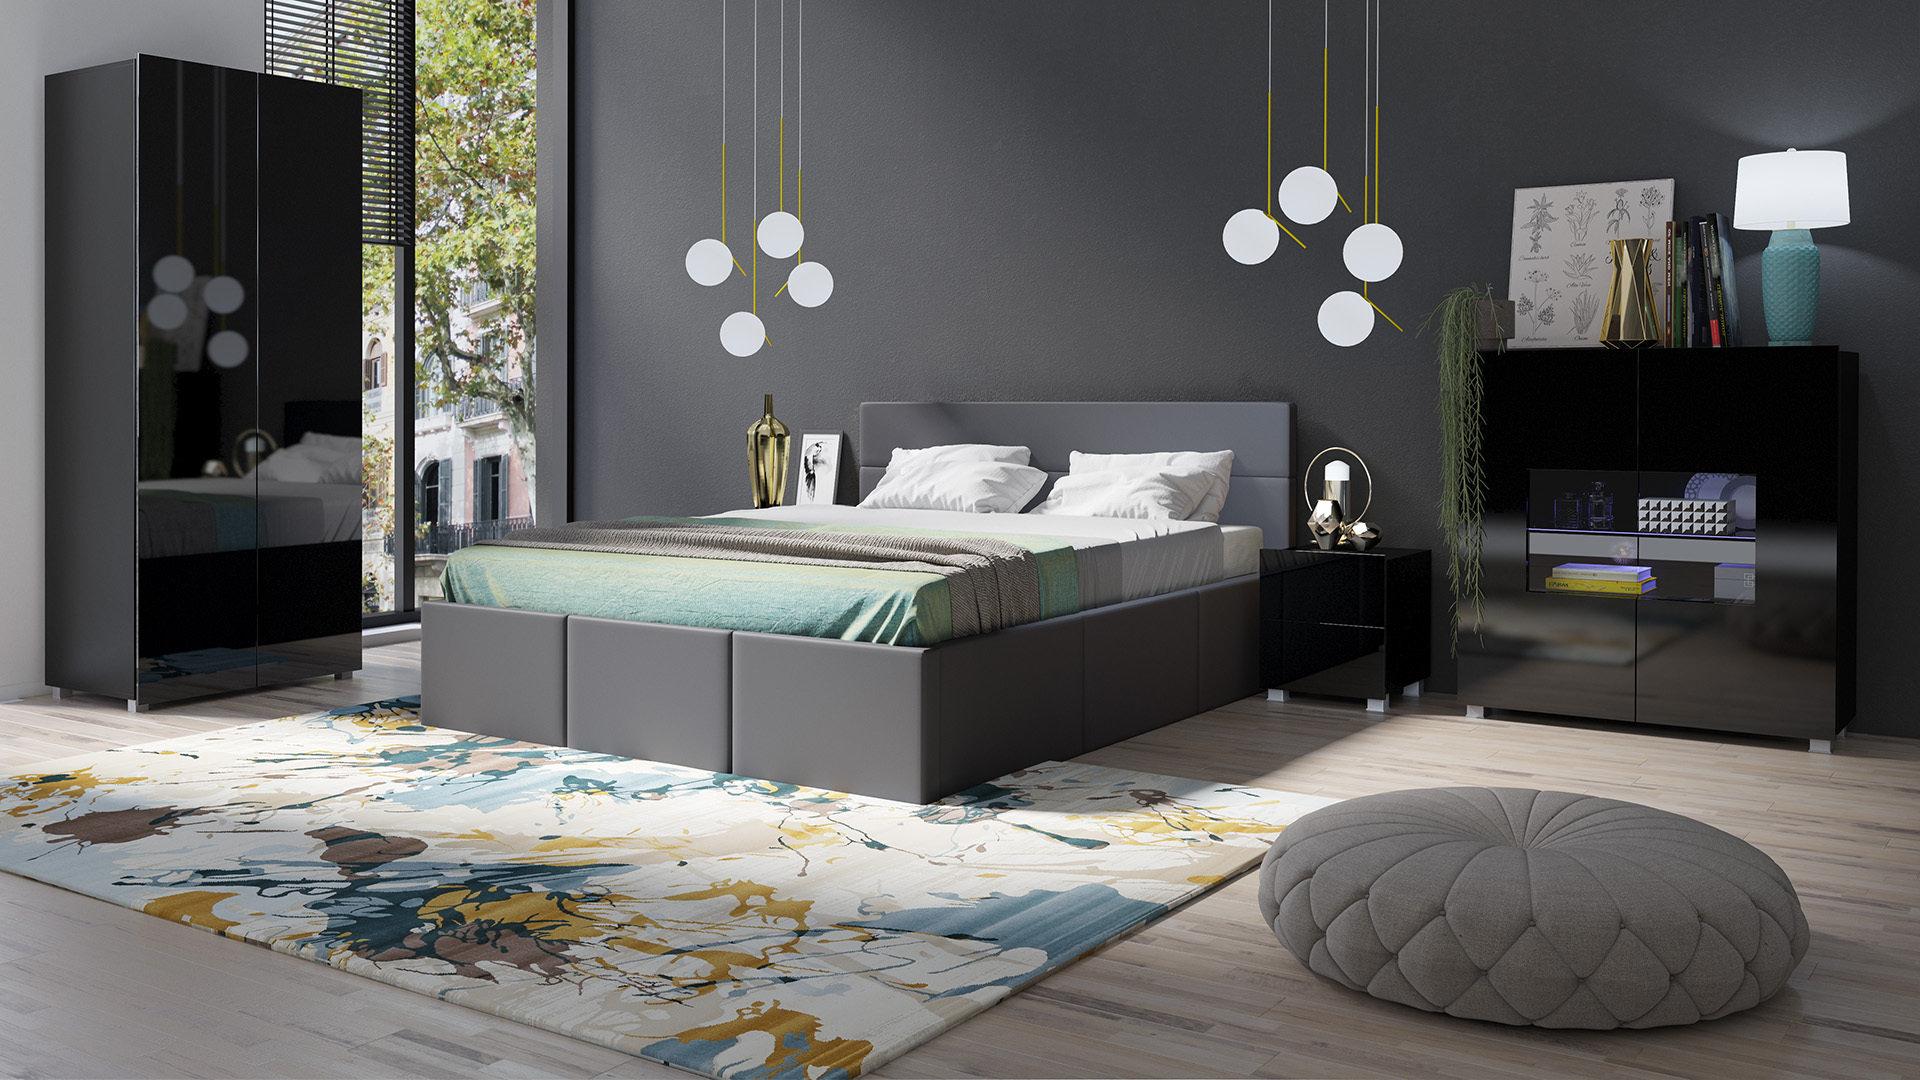 Full Size of Schlafzimmer Betten Set Kleiderschrank Ausgefallene Amerikanische Schranksysteme Eckschrank Gardinen Deckenleuchte Schränke Günstig Deckenlampe Sessel Wohnzimmer Ausgefallene Schlafzimmer